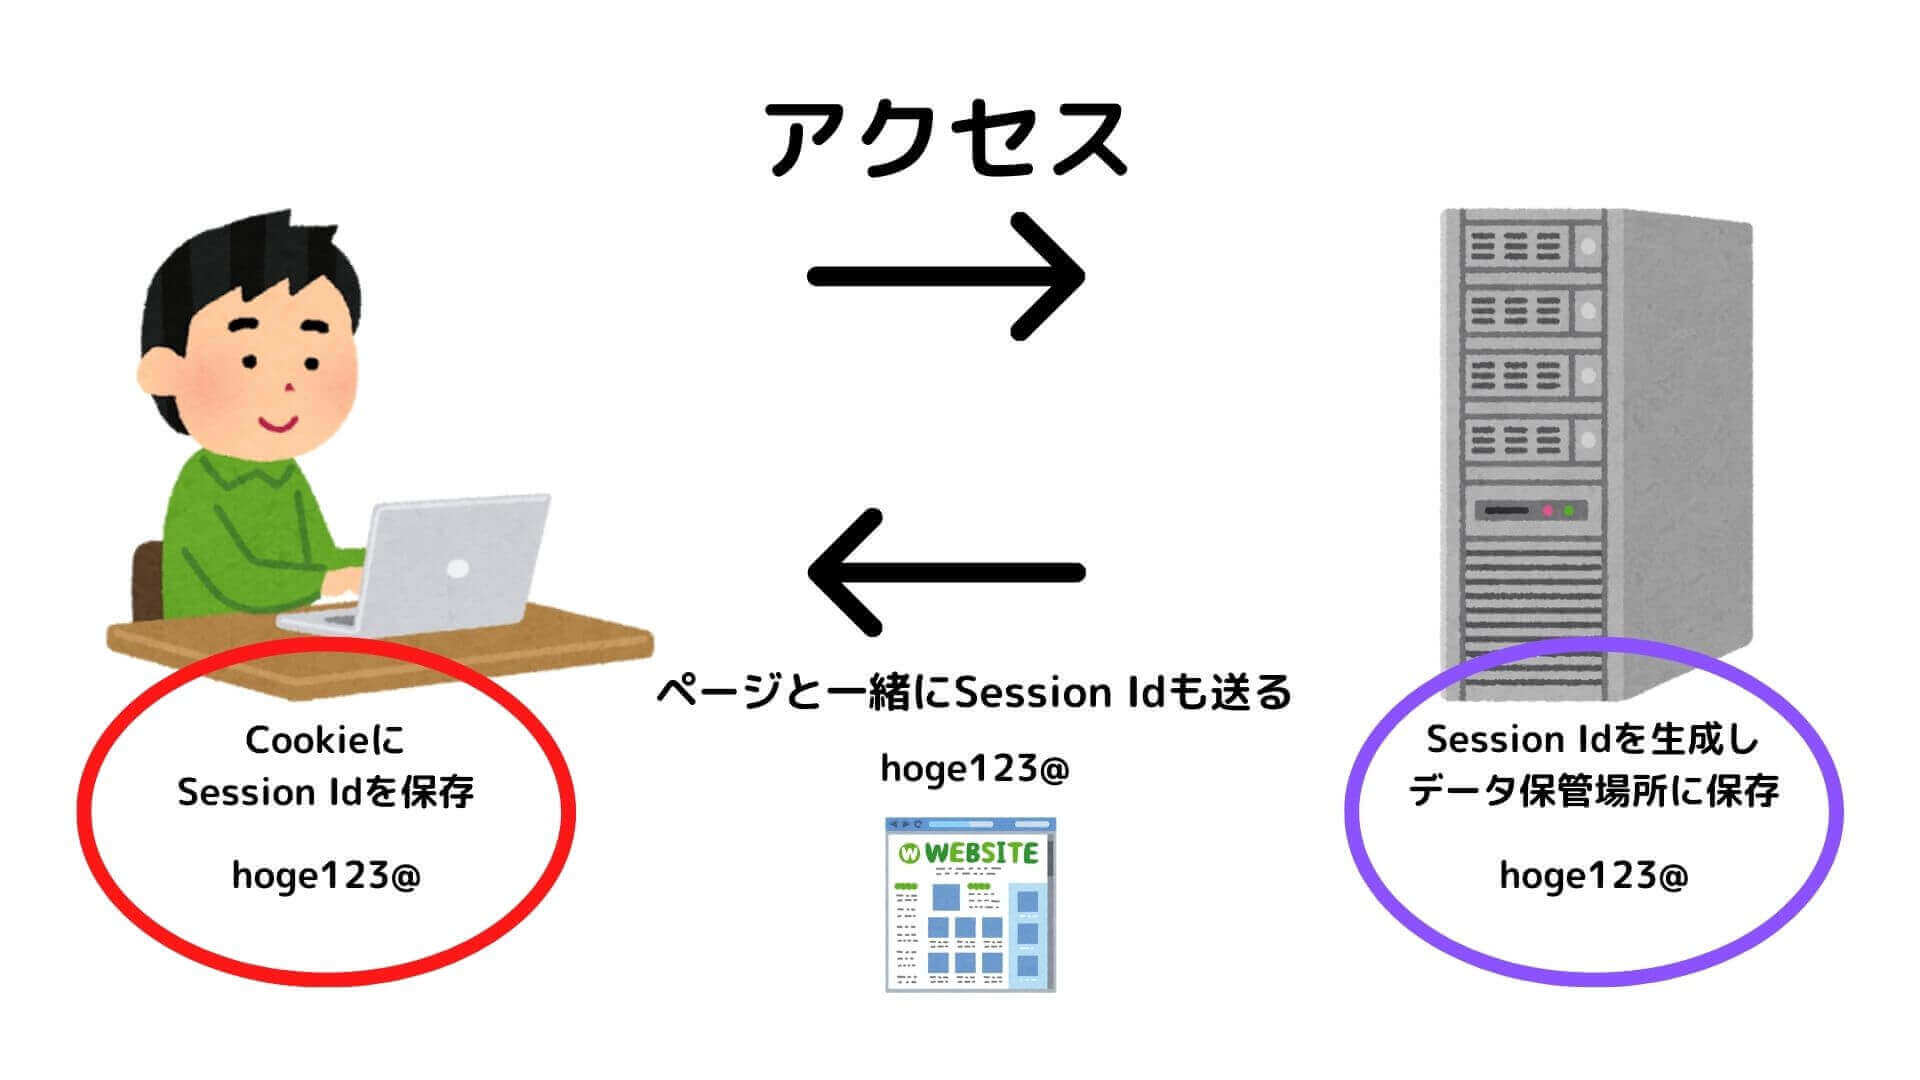 session IDの生成とCookieを利用したデータの保存